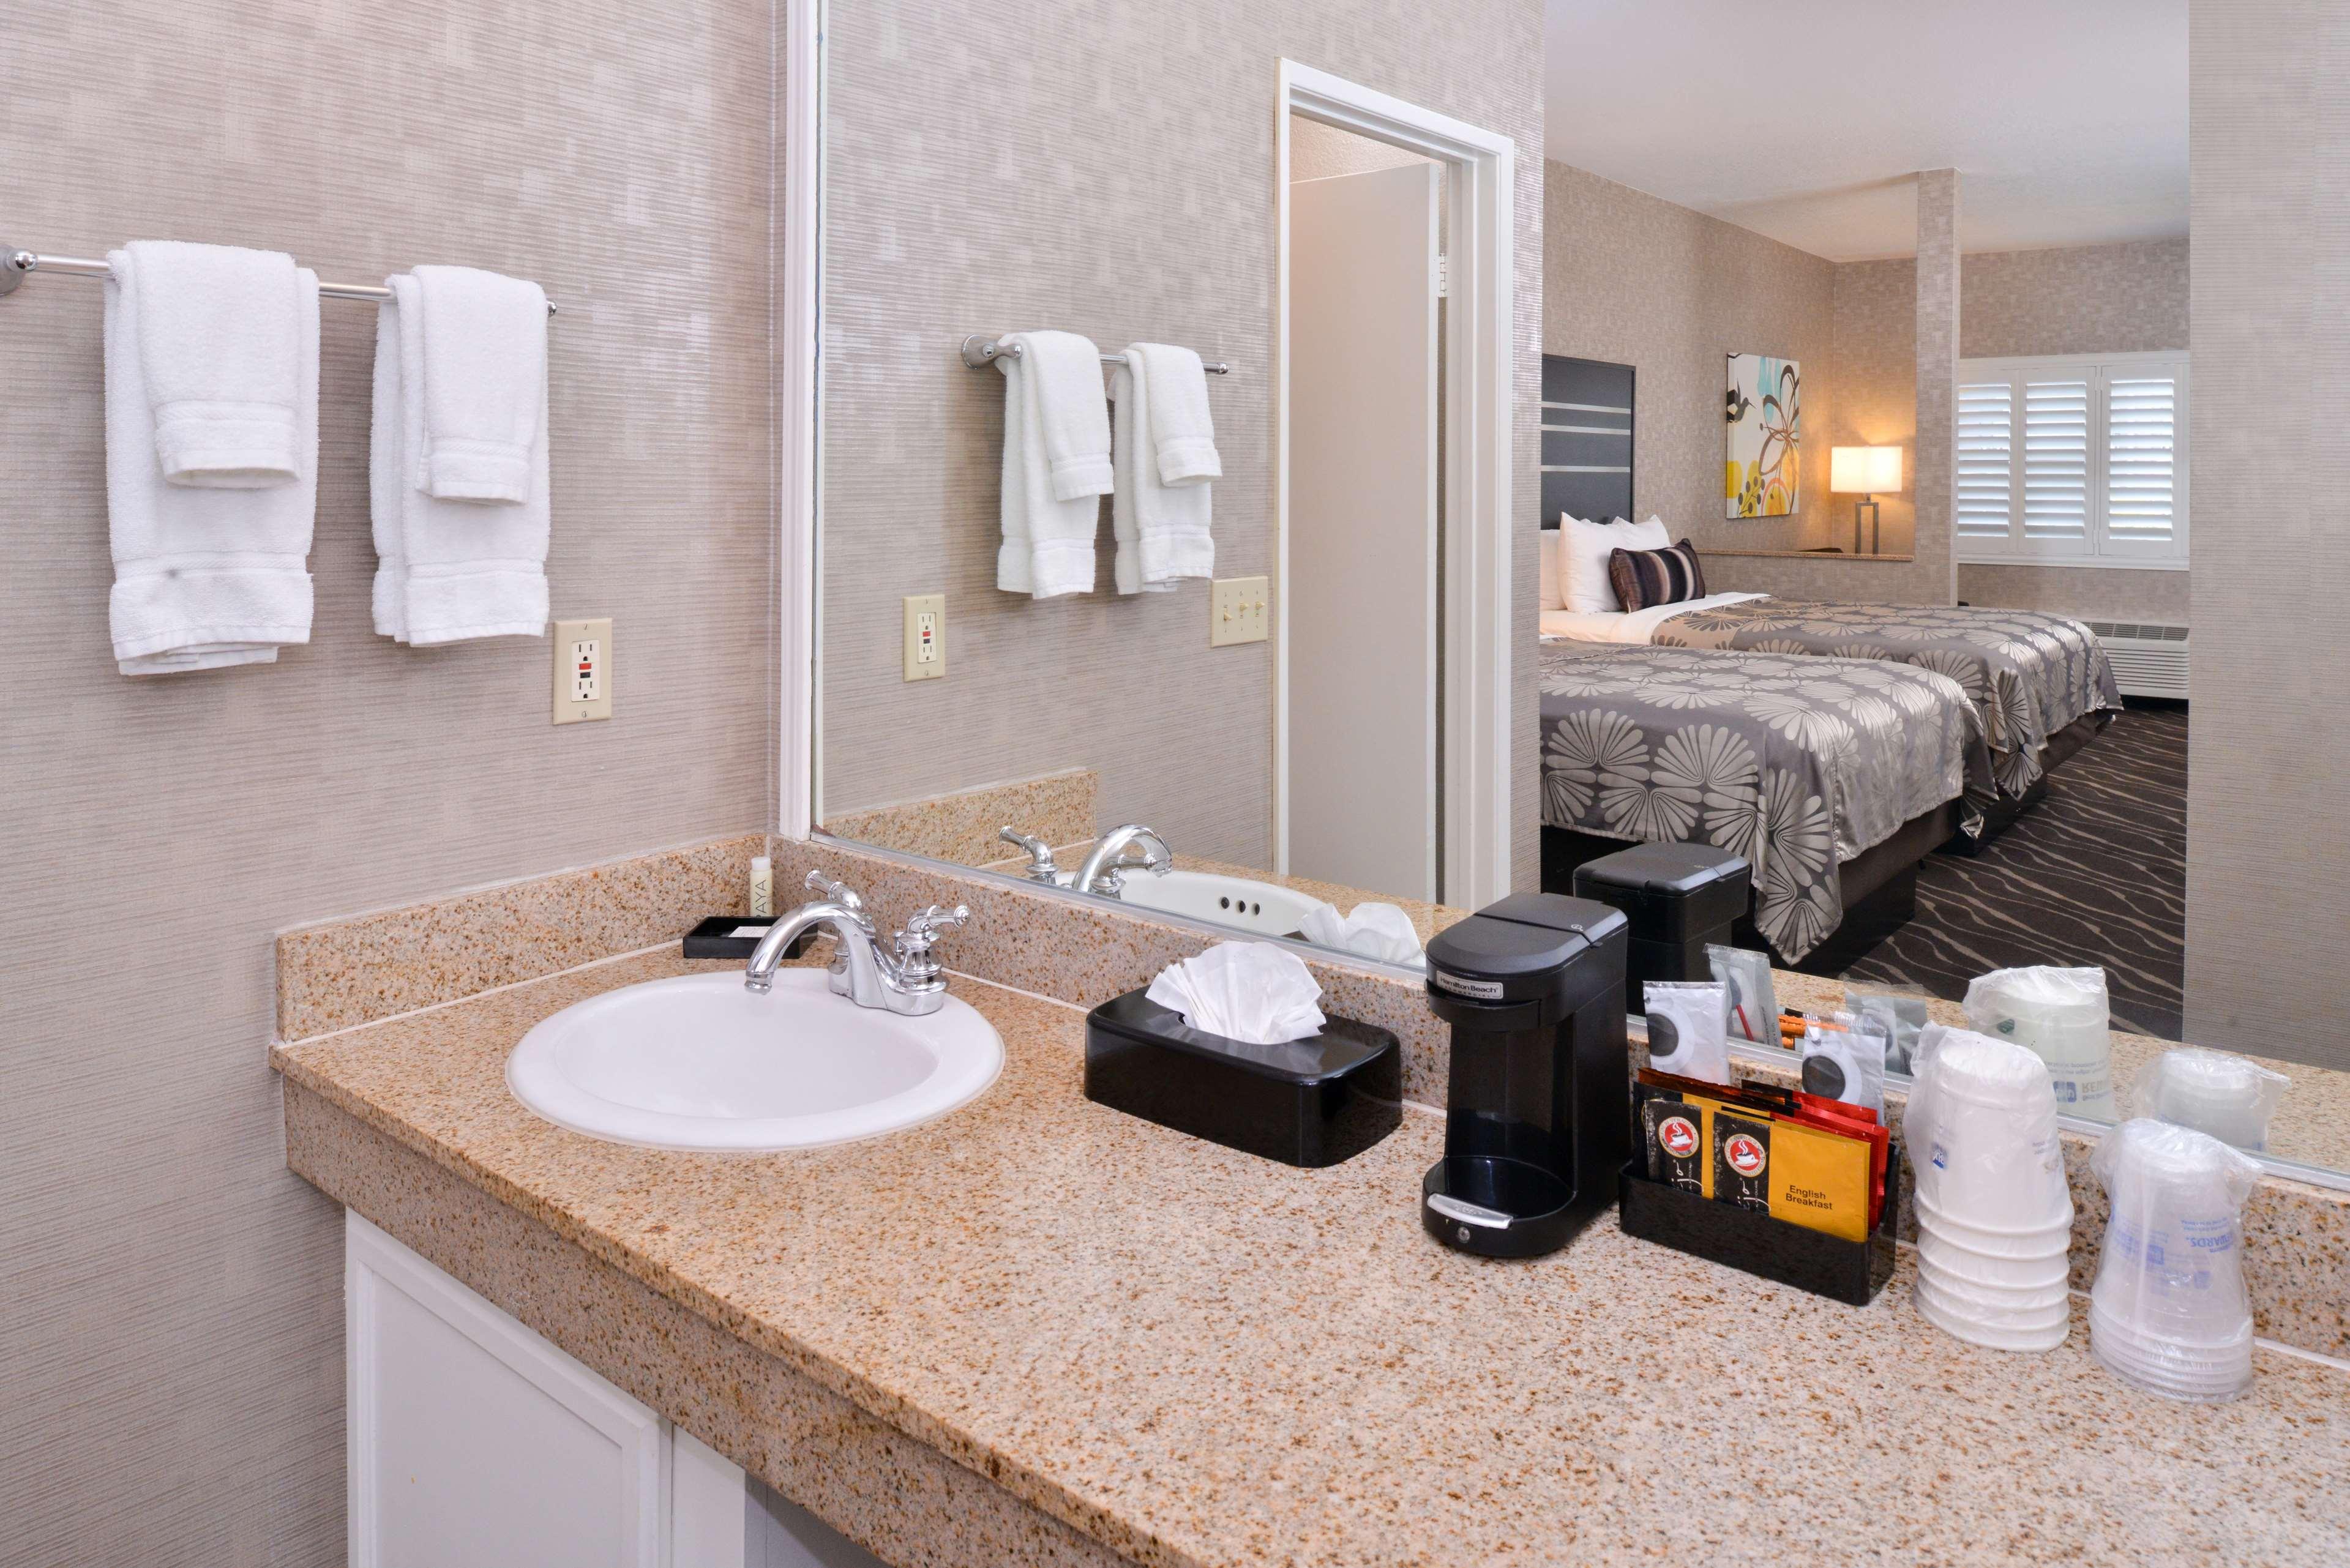 Best Western Plus Park Place Inn - Mini Suites image 23